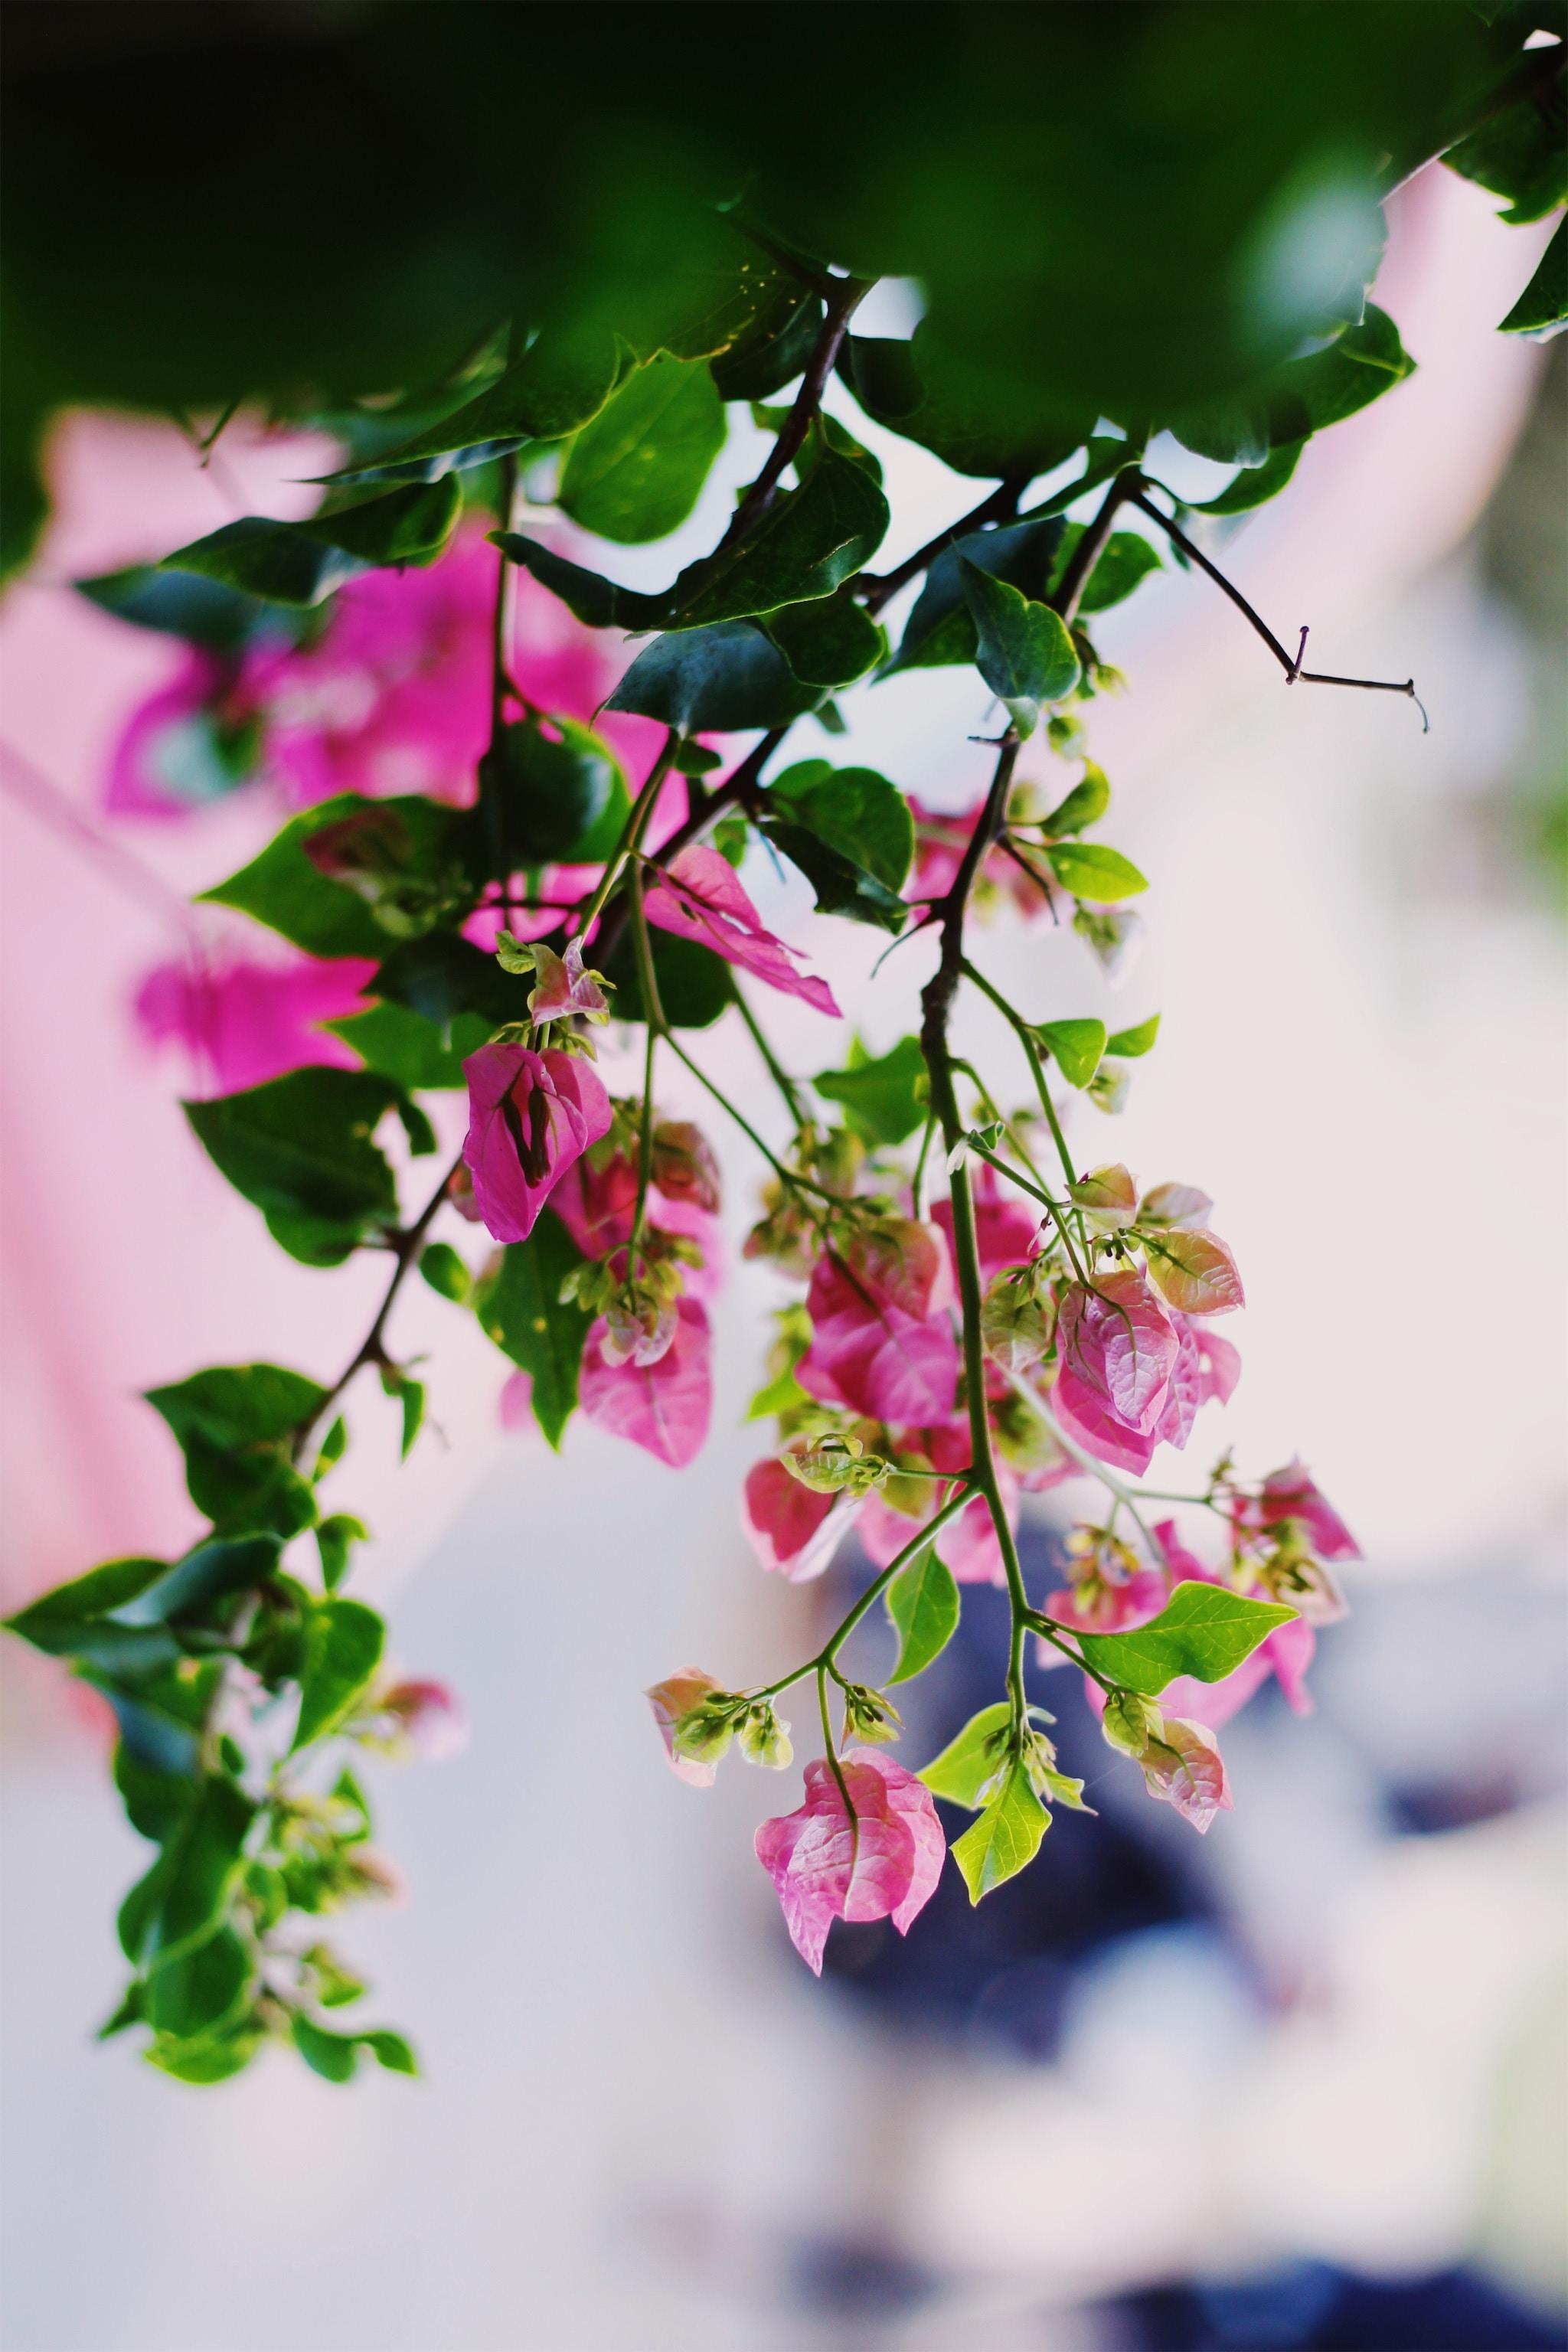 107772 скачать обои Розовый, Лето, Цветы, Растение, Цветение - заставки и картинки бесплатно